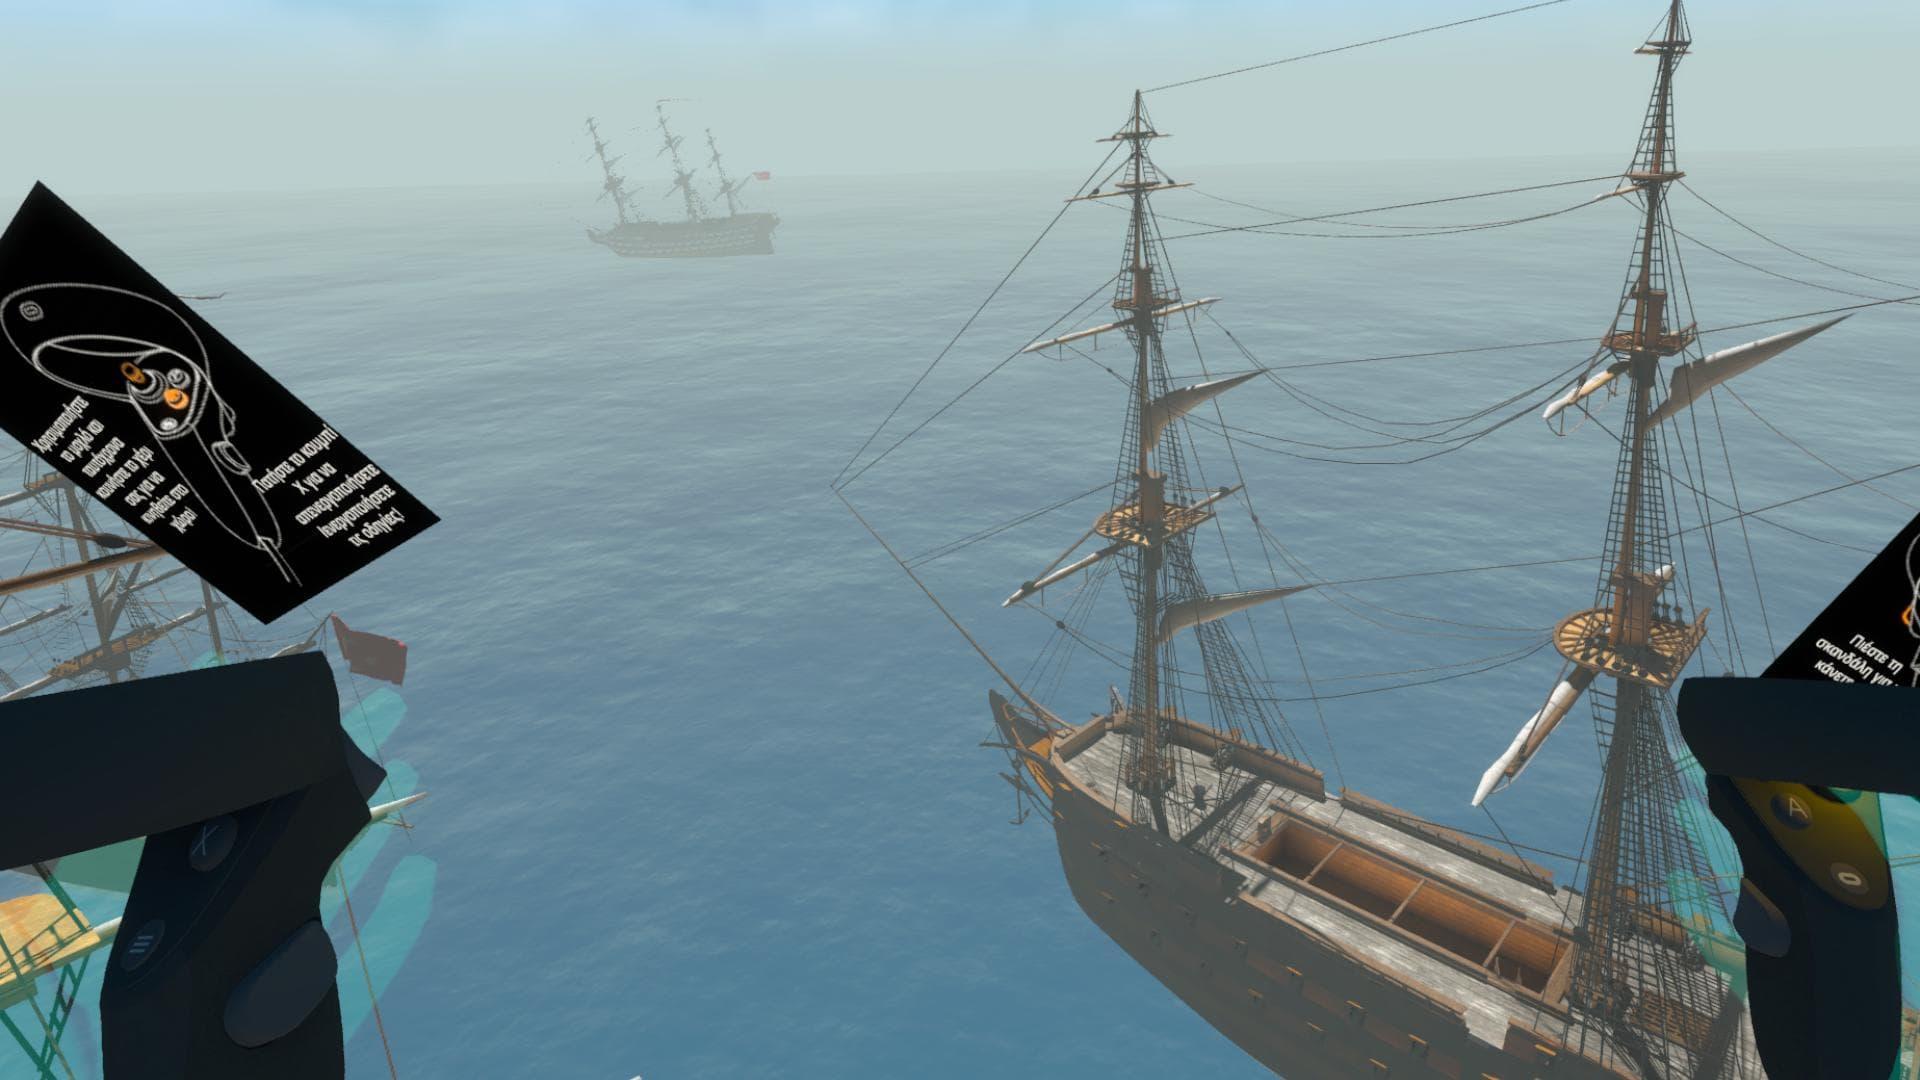 Τρέξε επάνω εις τα κύματα της φοβεράς θαλάσσης. 1821. Ο Αγώνας στη θάλασσα